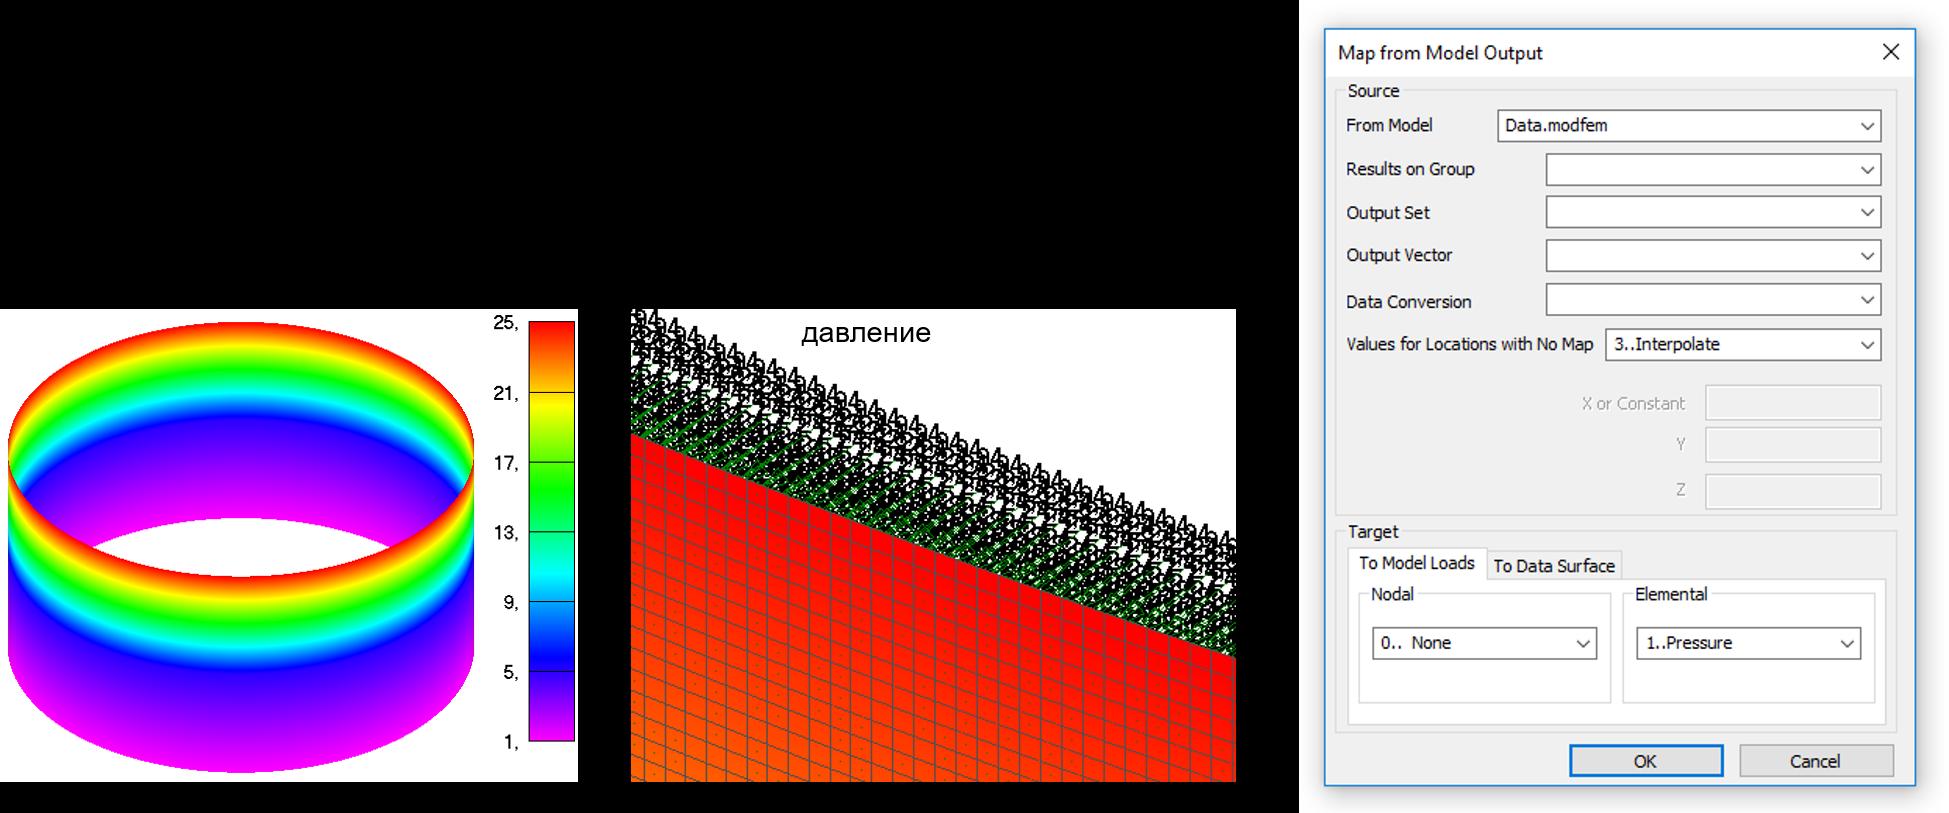 Новый производительный алгоритм извлечения данных в Siemens Femap Map from Model Output.